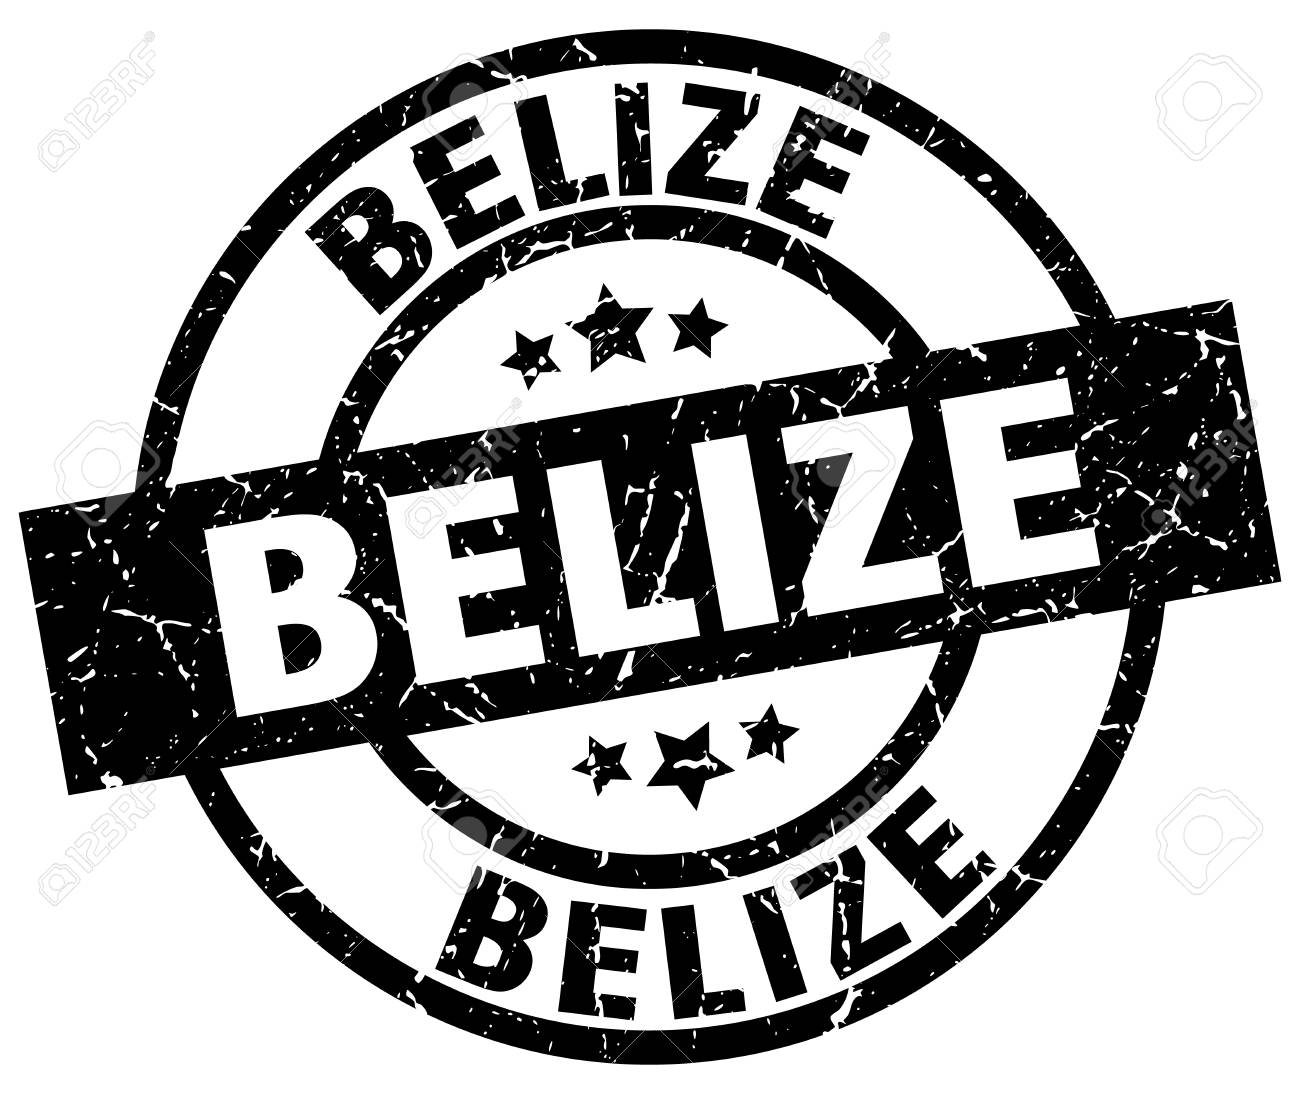 Belize black round grunge stamp.